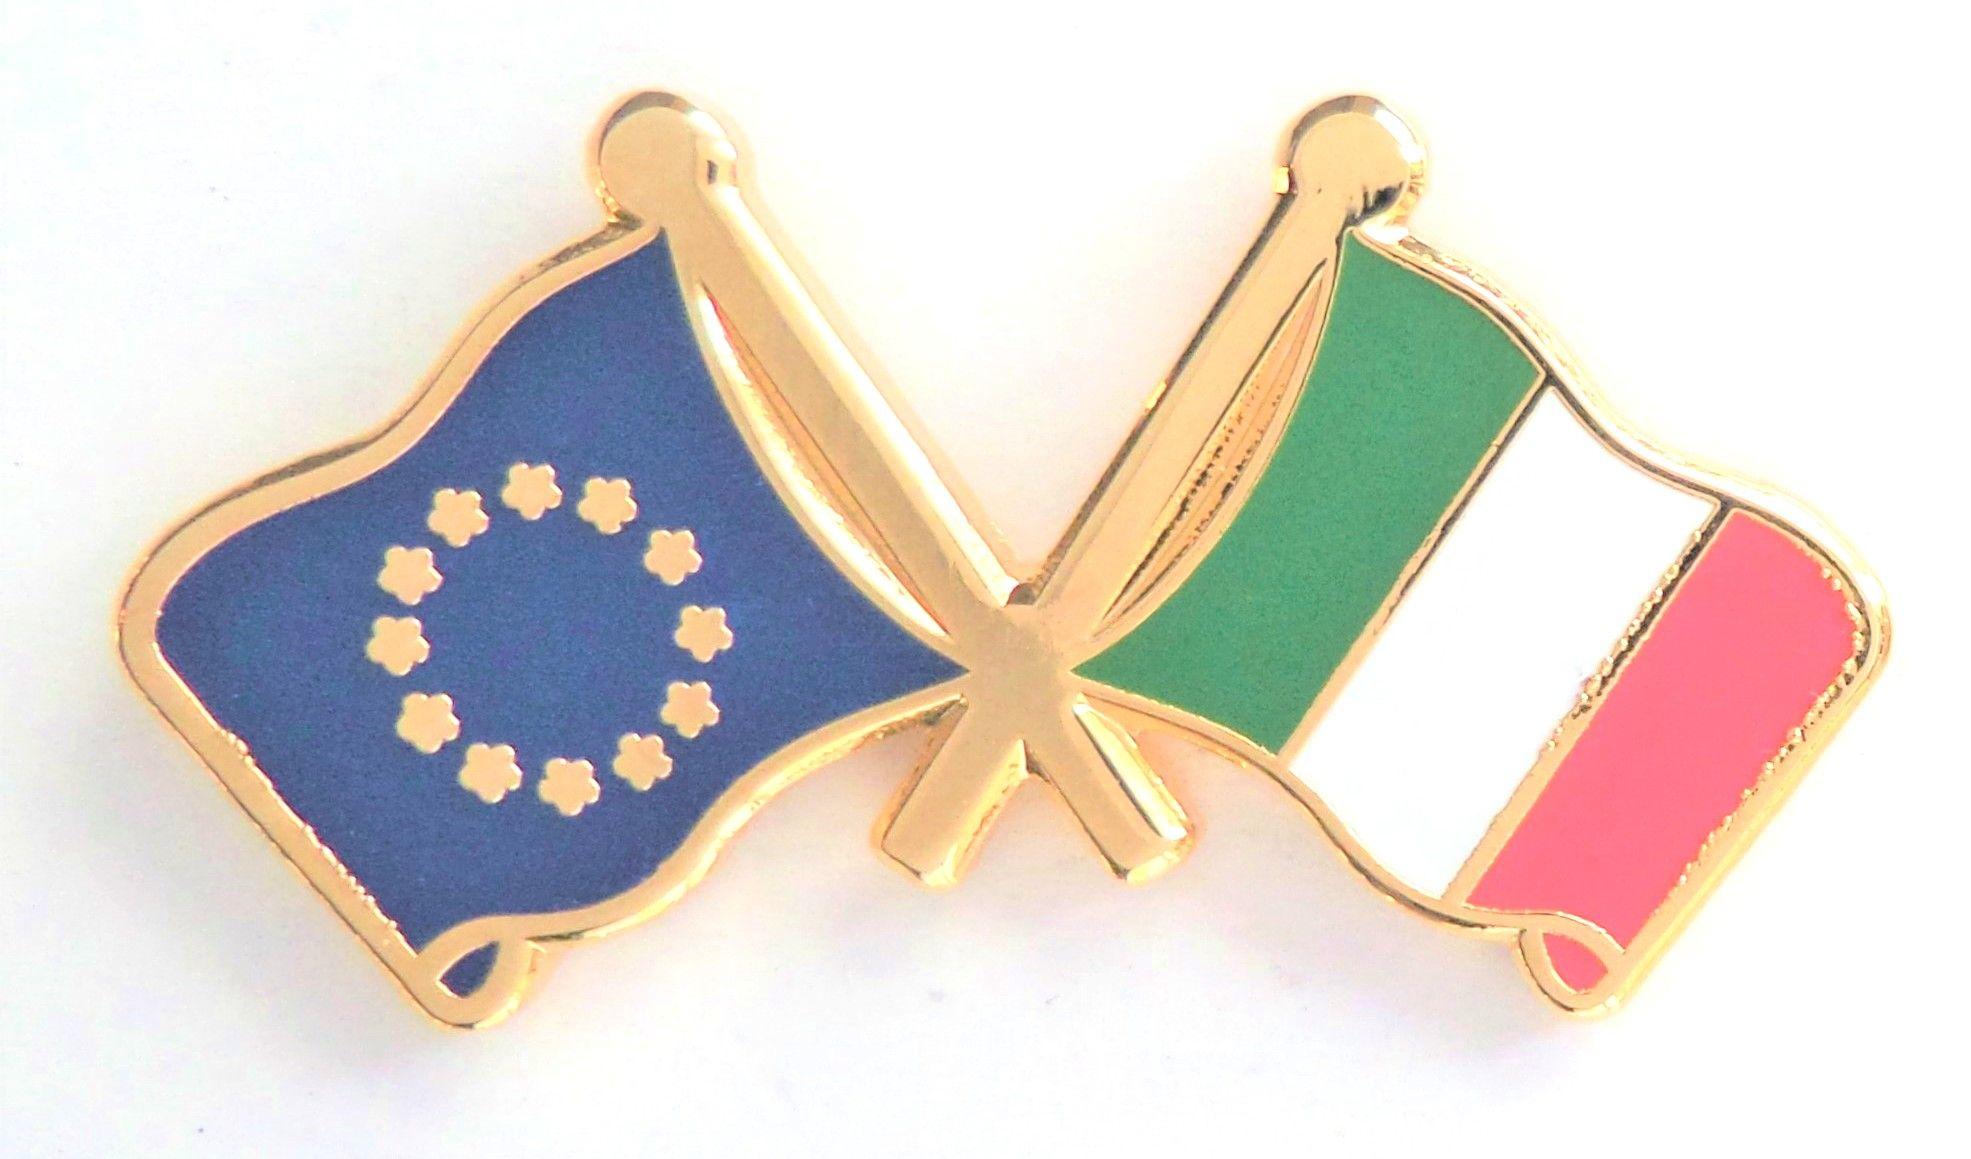 La Debolezza Italiana E Le 'colpe' Dell'Europa Sull'austerity